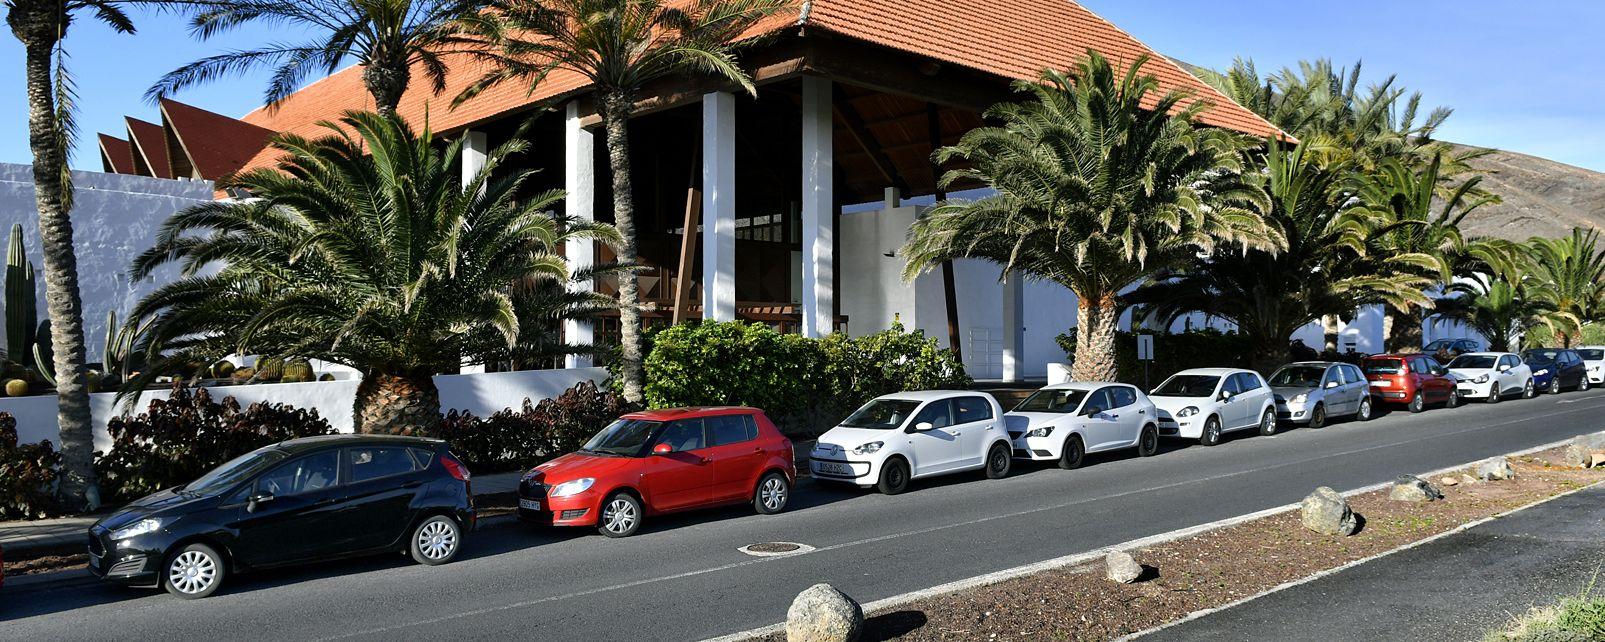 Club Lookéa Fuerteventura Princess